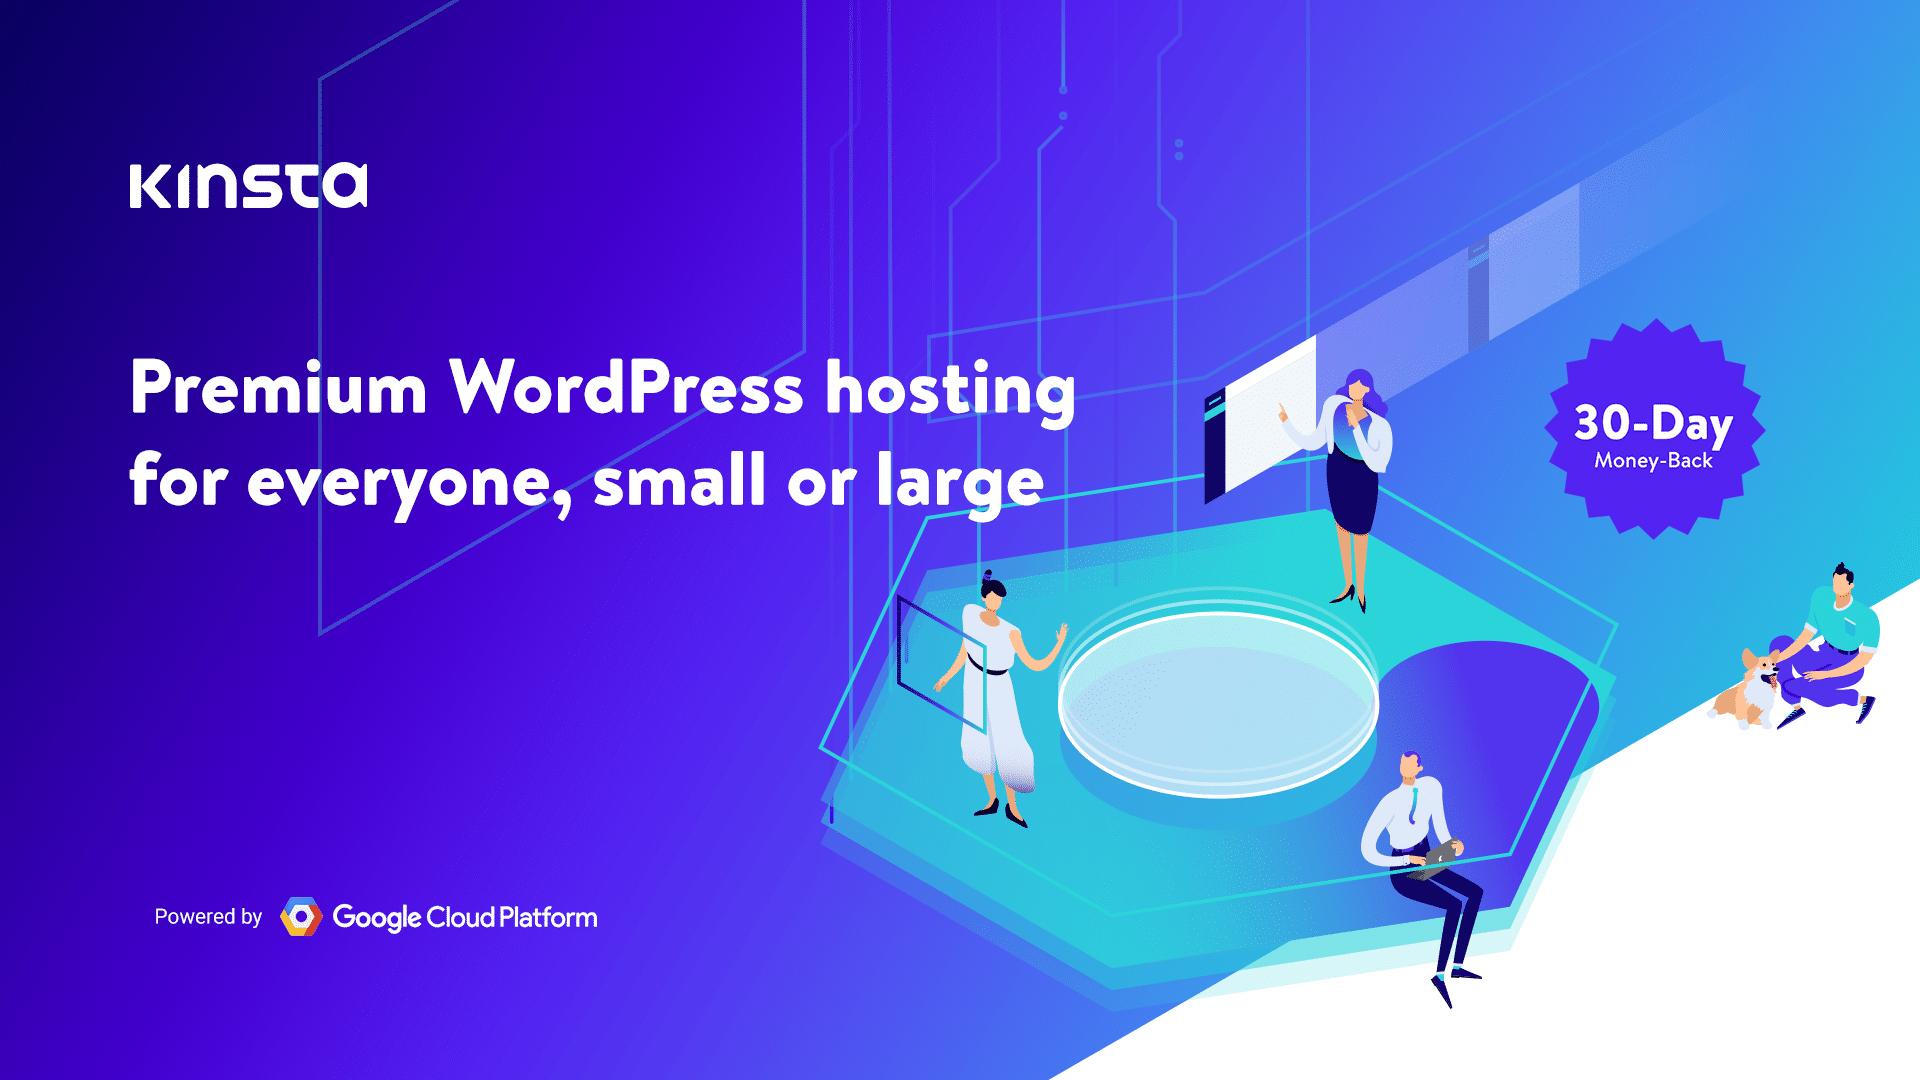 3 top reasons to choose Kinsta WordPress hosting